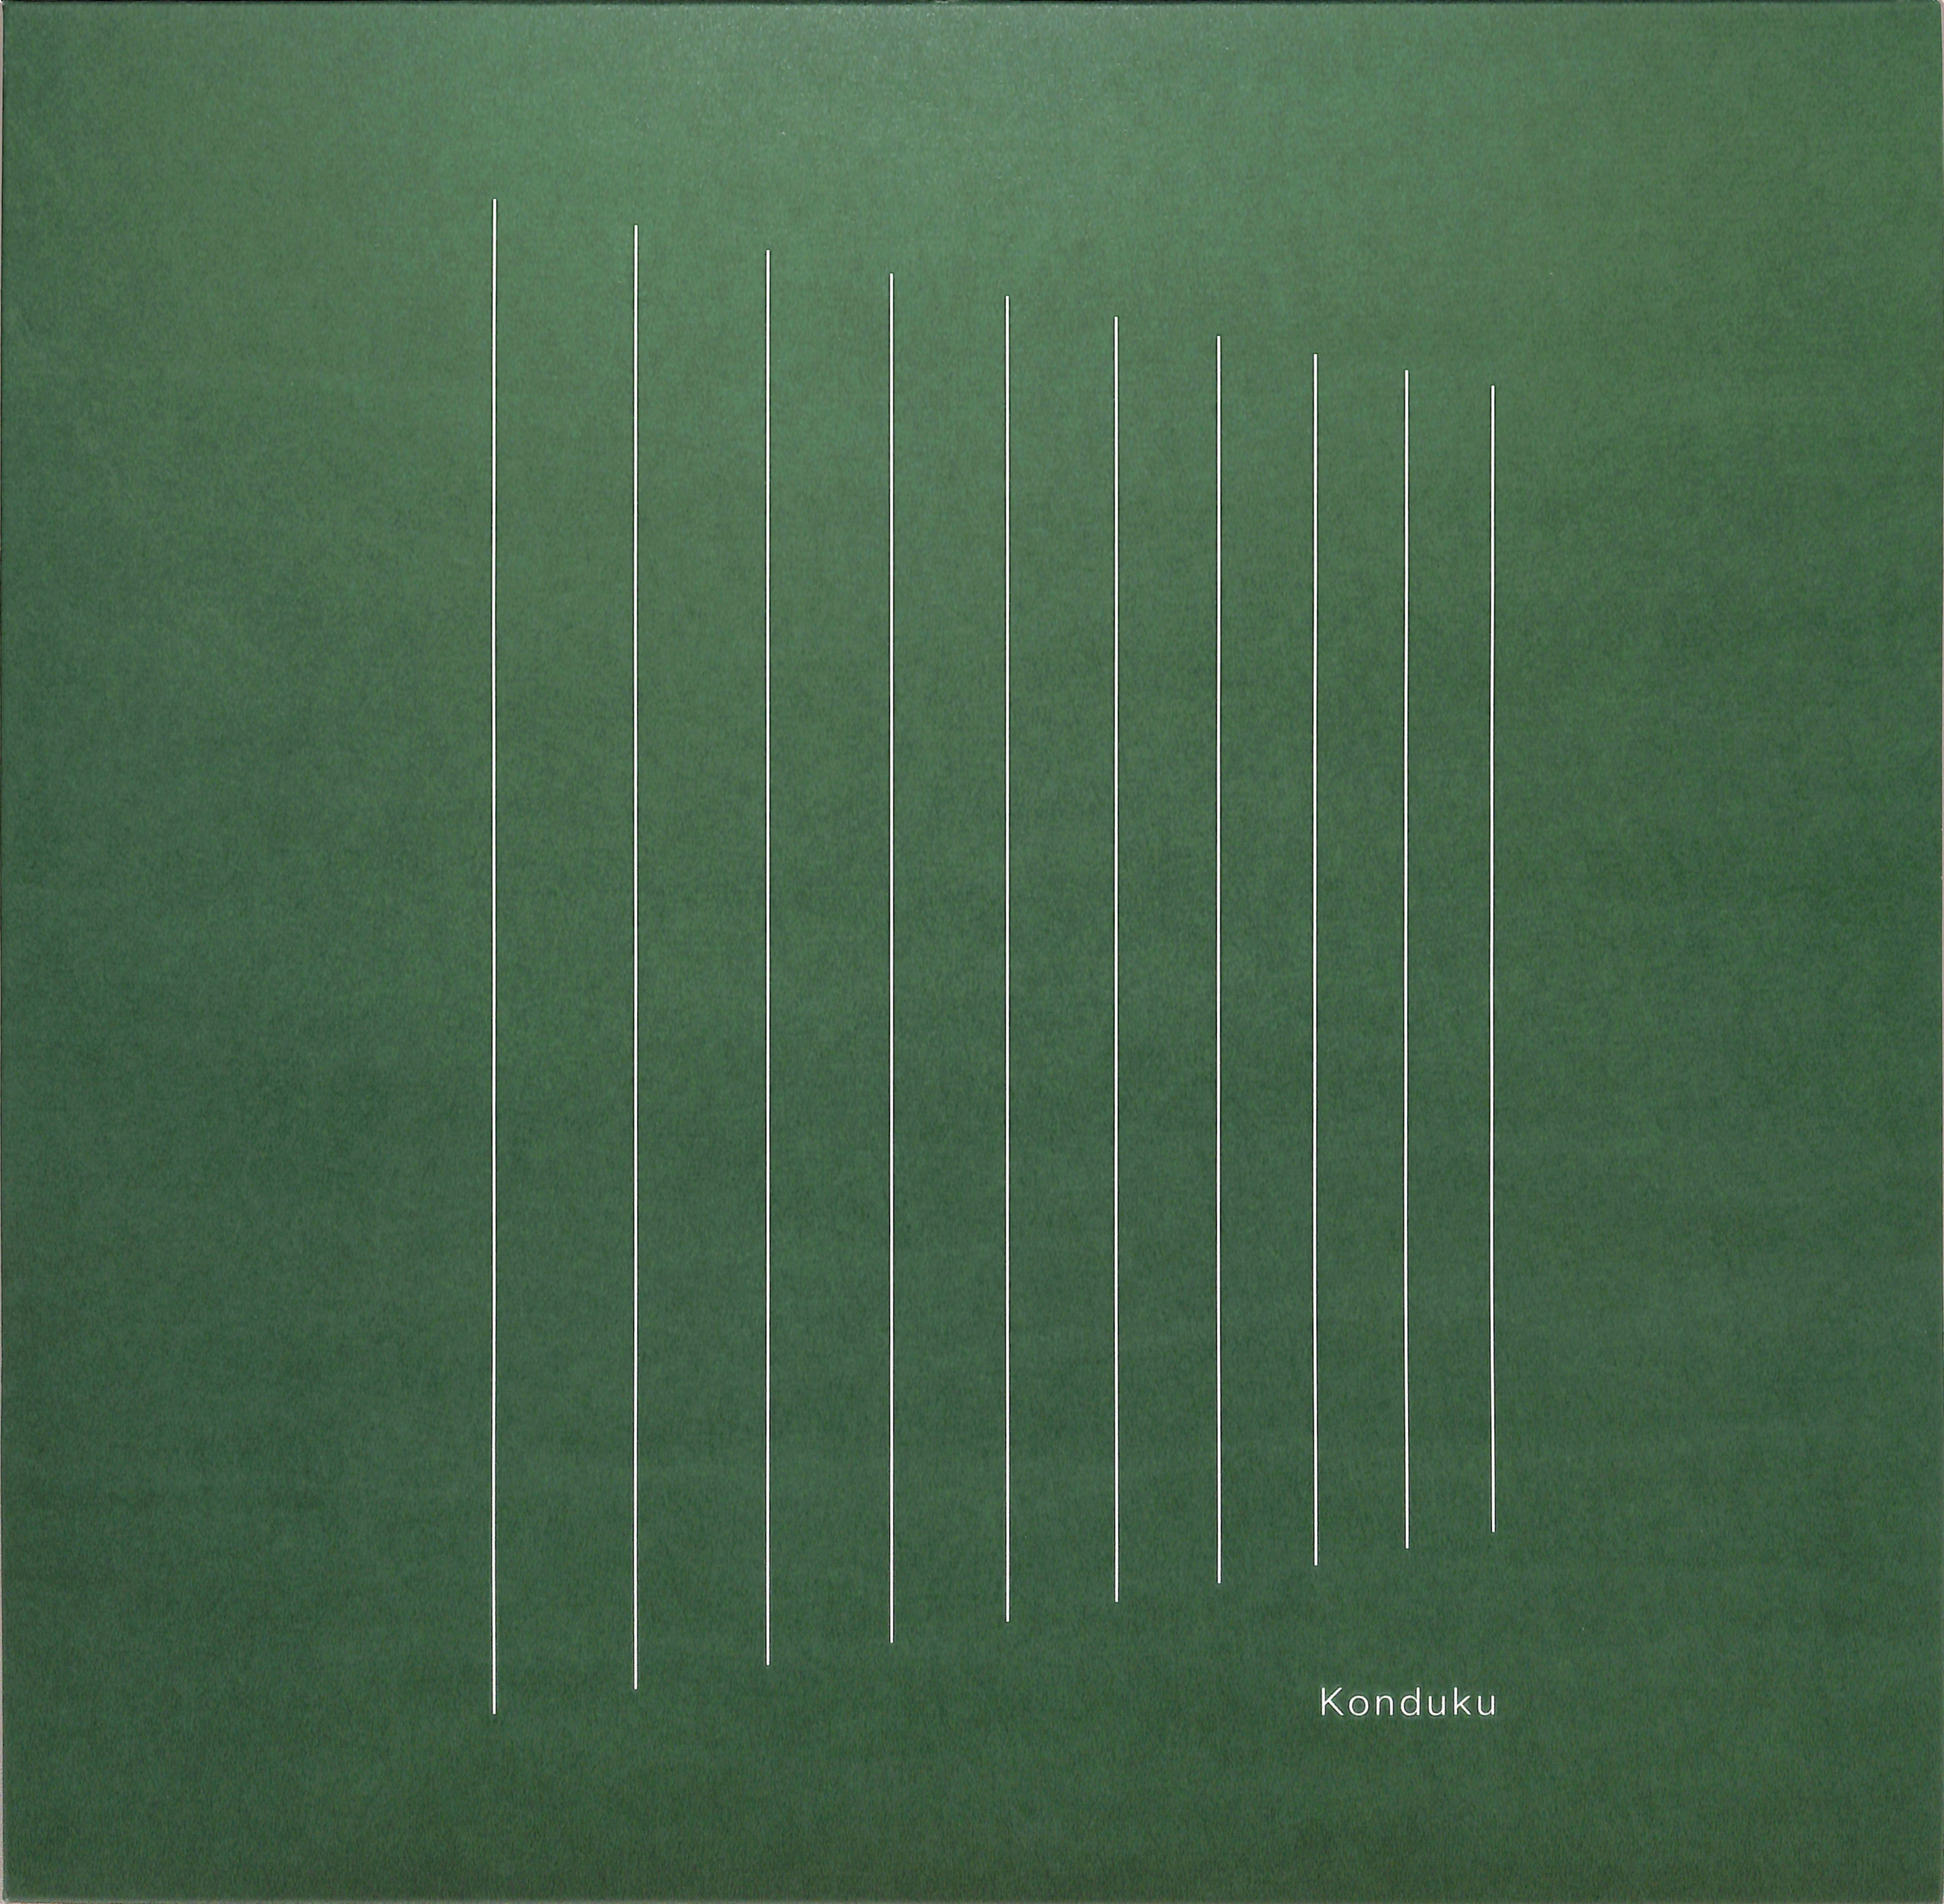 Konduku - MANTIS 03